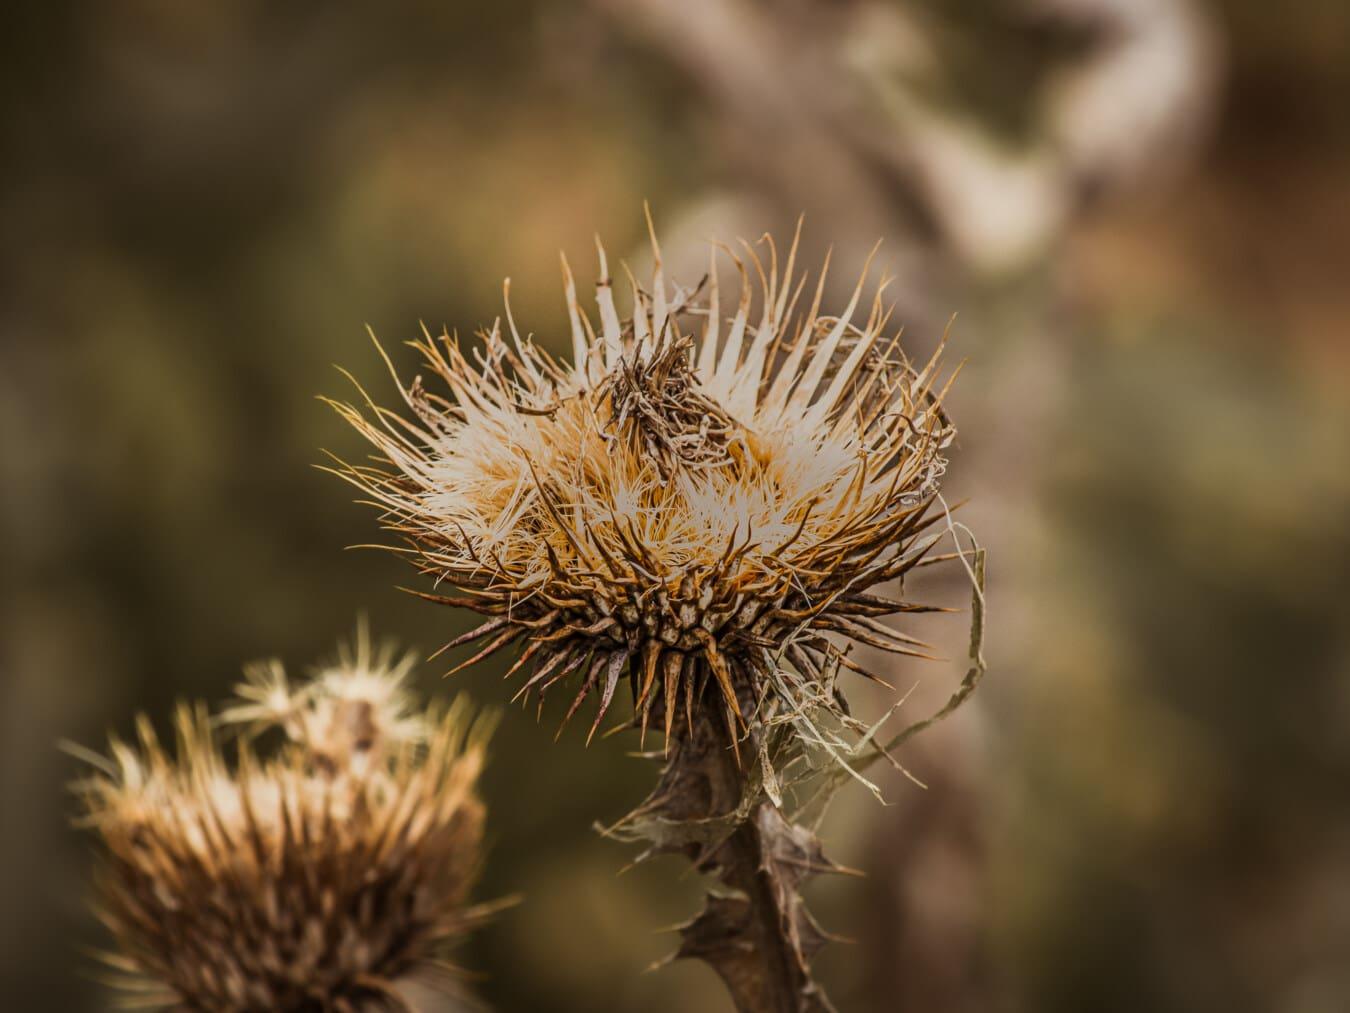 herbe, fleur, saison sèche, tranchant, fermer, épine, plante, à l'extérieur, colonne vertébrale, nature